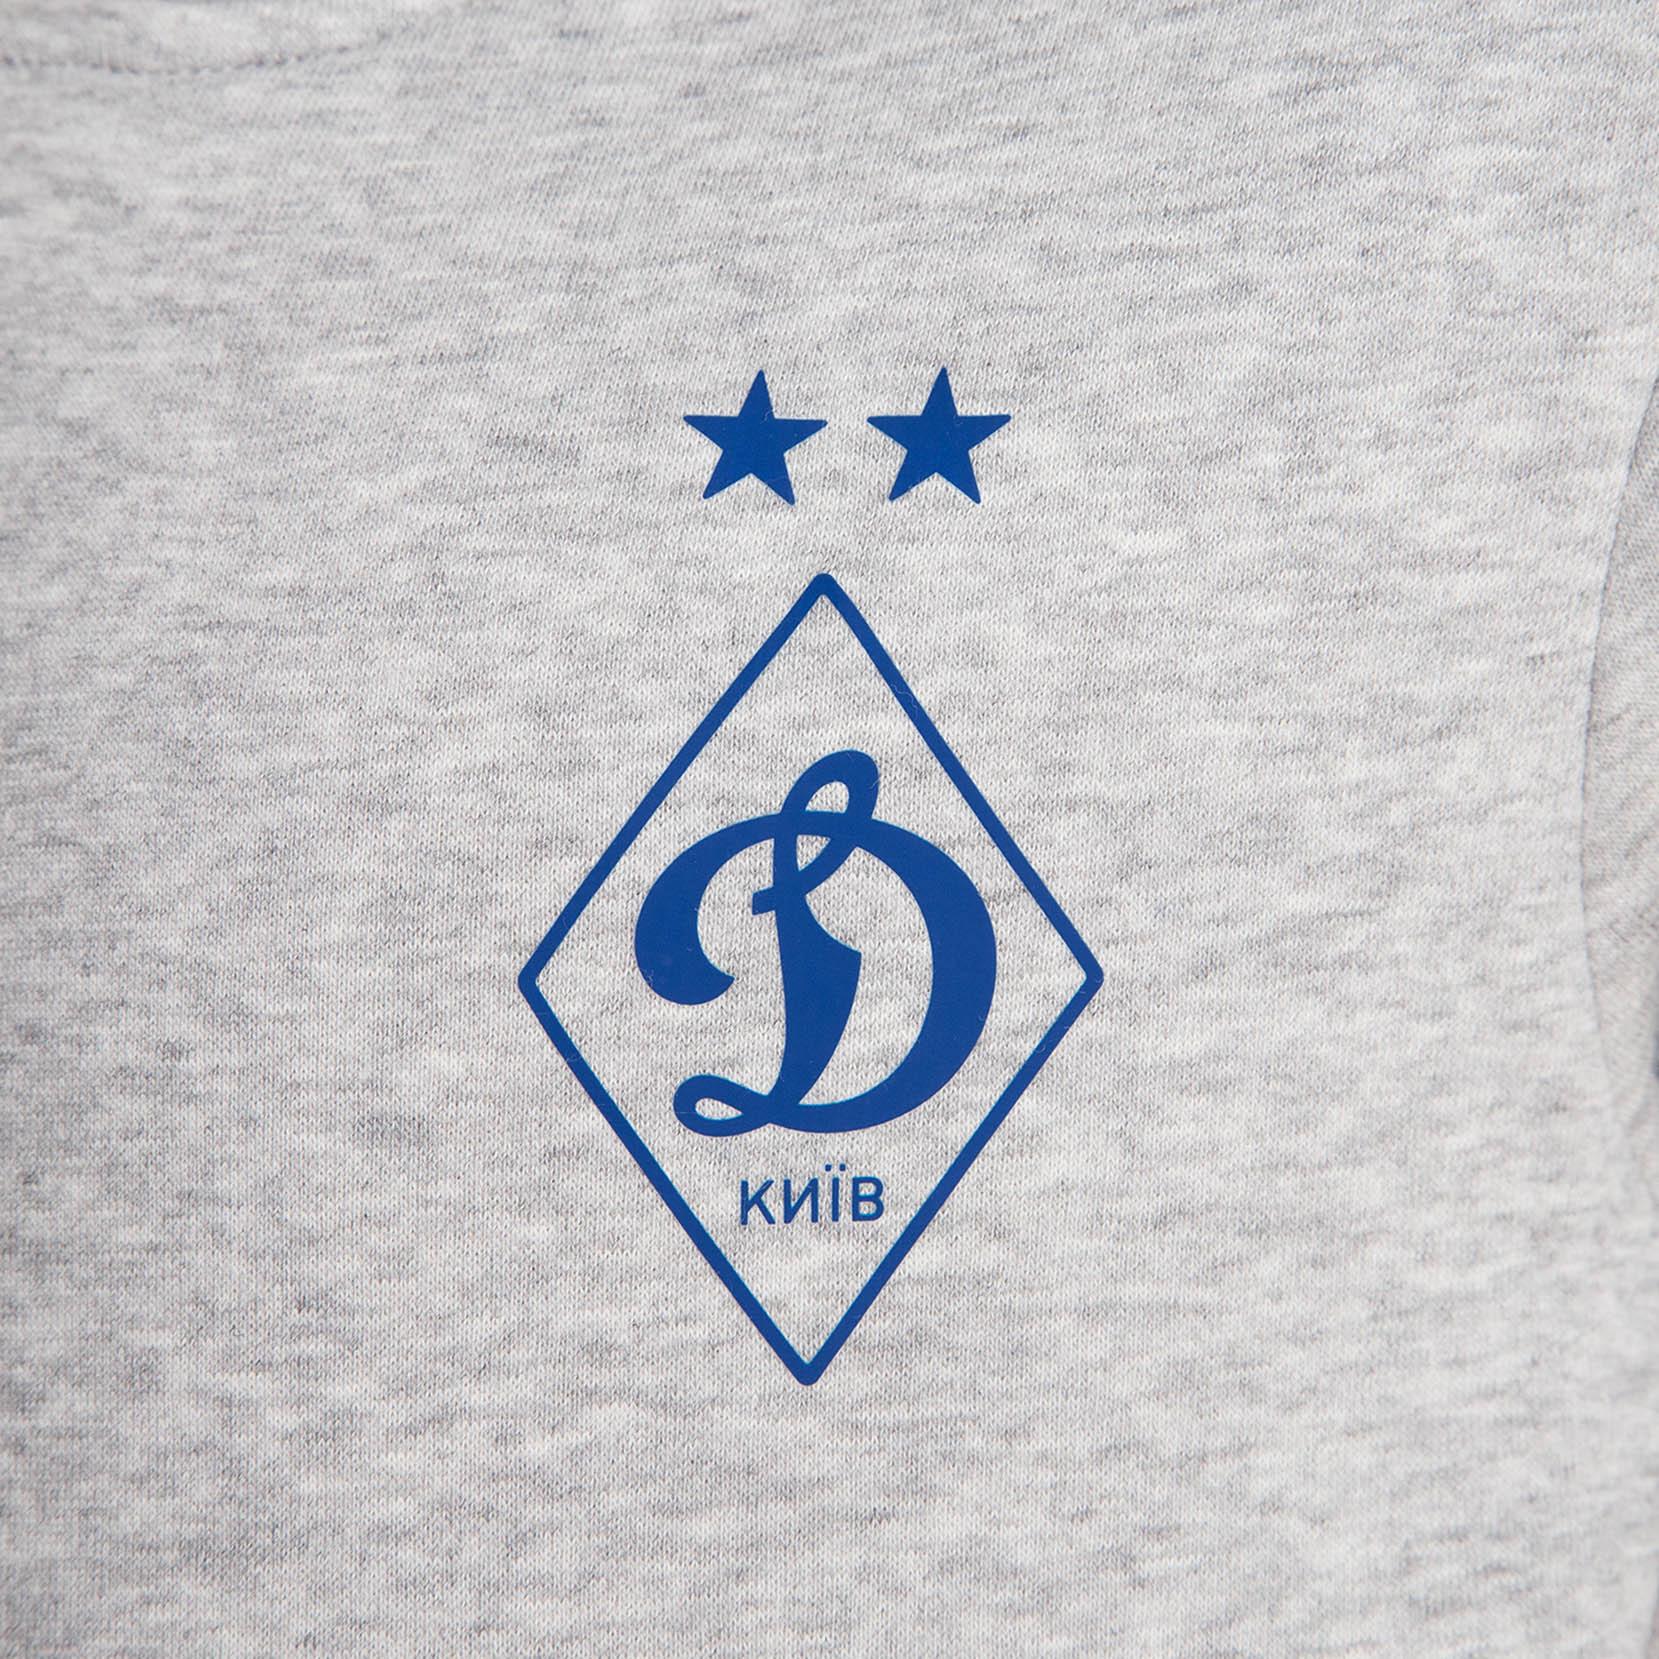 Худі юнацьке ФК «Динамо» Київ Base для дітей JT931529GRM | New Balance